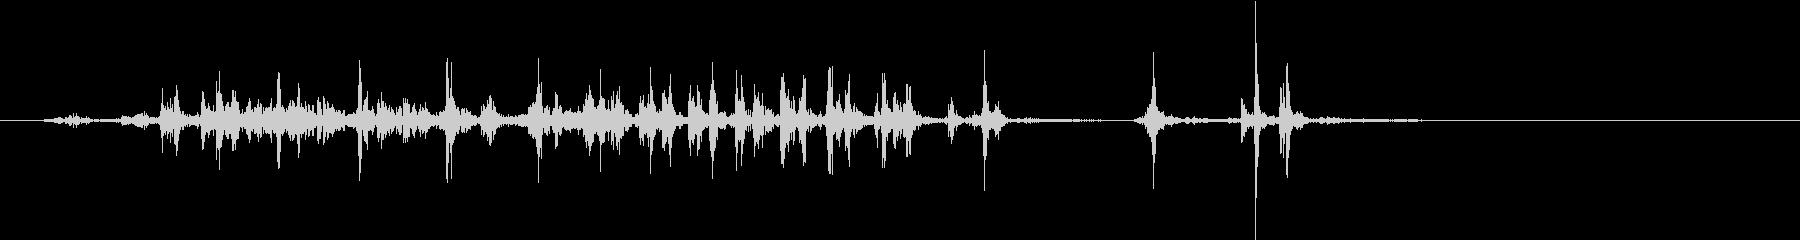 【生録音】カッターナイフの音 15の未再生の波形